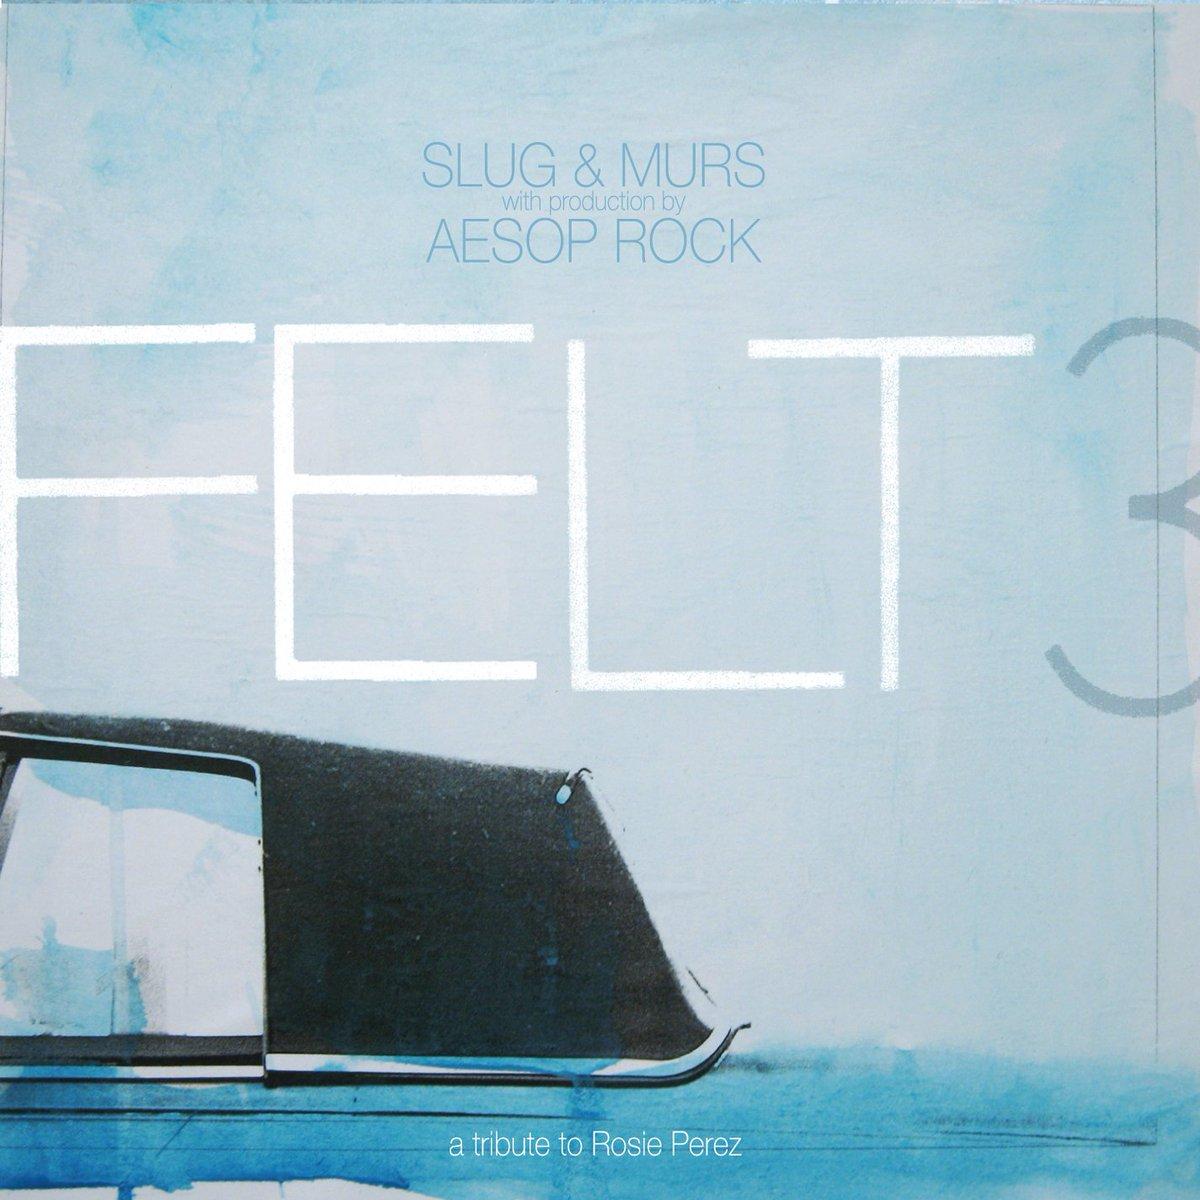 Felt 3: A Tribute to Rosie Perez, le troisième album de #Felt réédité par @rhymesayers est disponible ce vendredi 17 juillet ! Double vinyle, bleu et blanc avec effet galaxie + picture disc : http://bit.ly/MDLR-FELT3  #Slug #Murs #AesopRock #RapUS #HipHop #Rhymesayerspic.twitter.com/QfNMBwEtpG